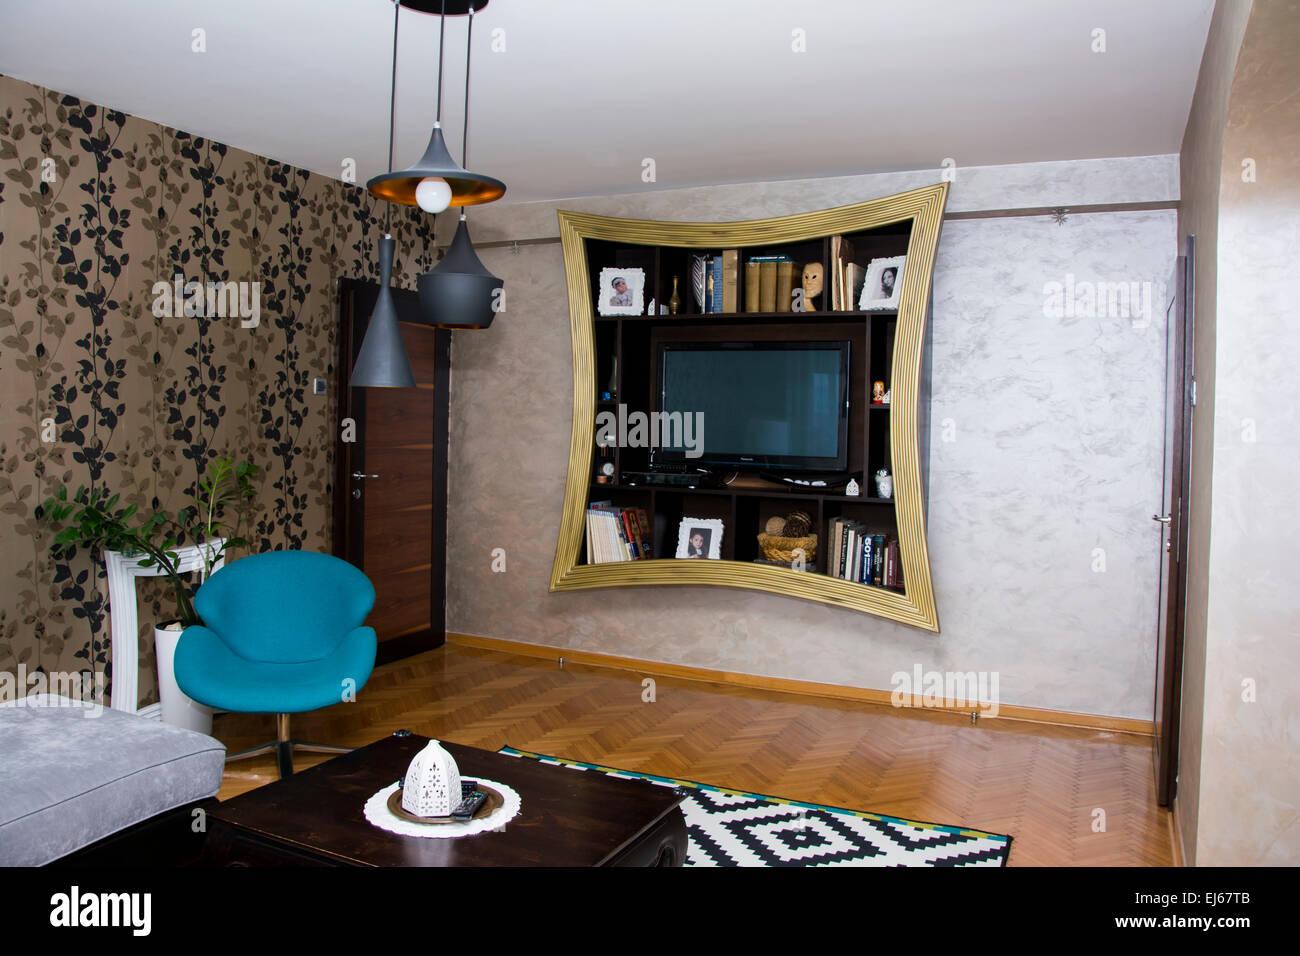 Exzentrisches Design für Wohnzimmer Interieur mit blauen, schwarzen ...